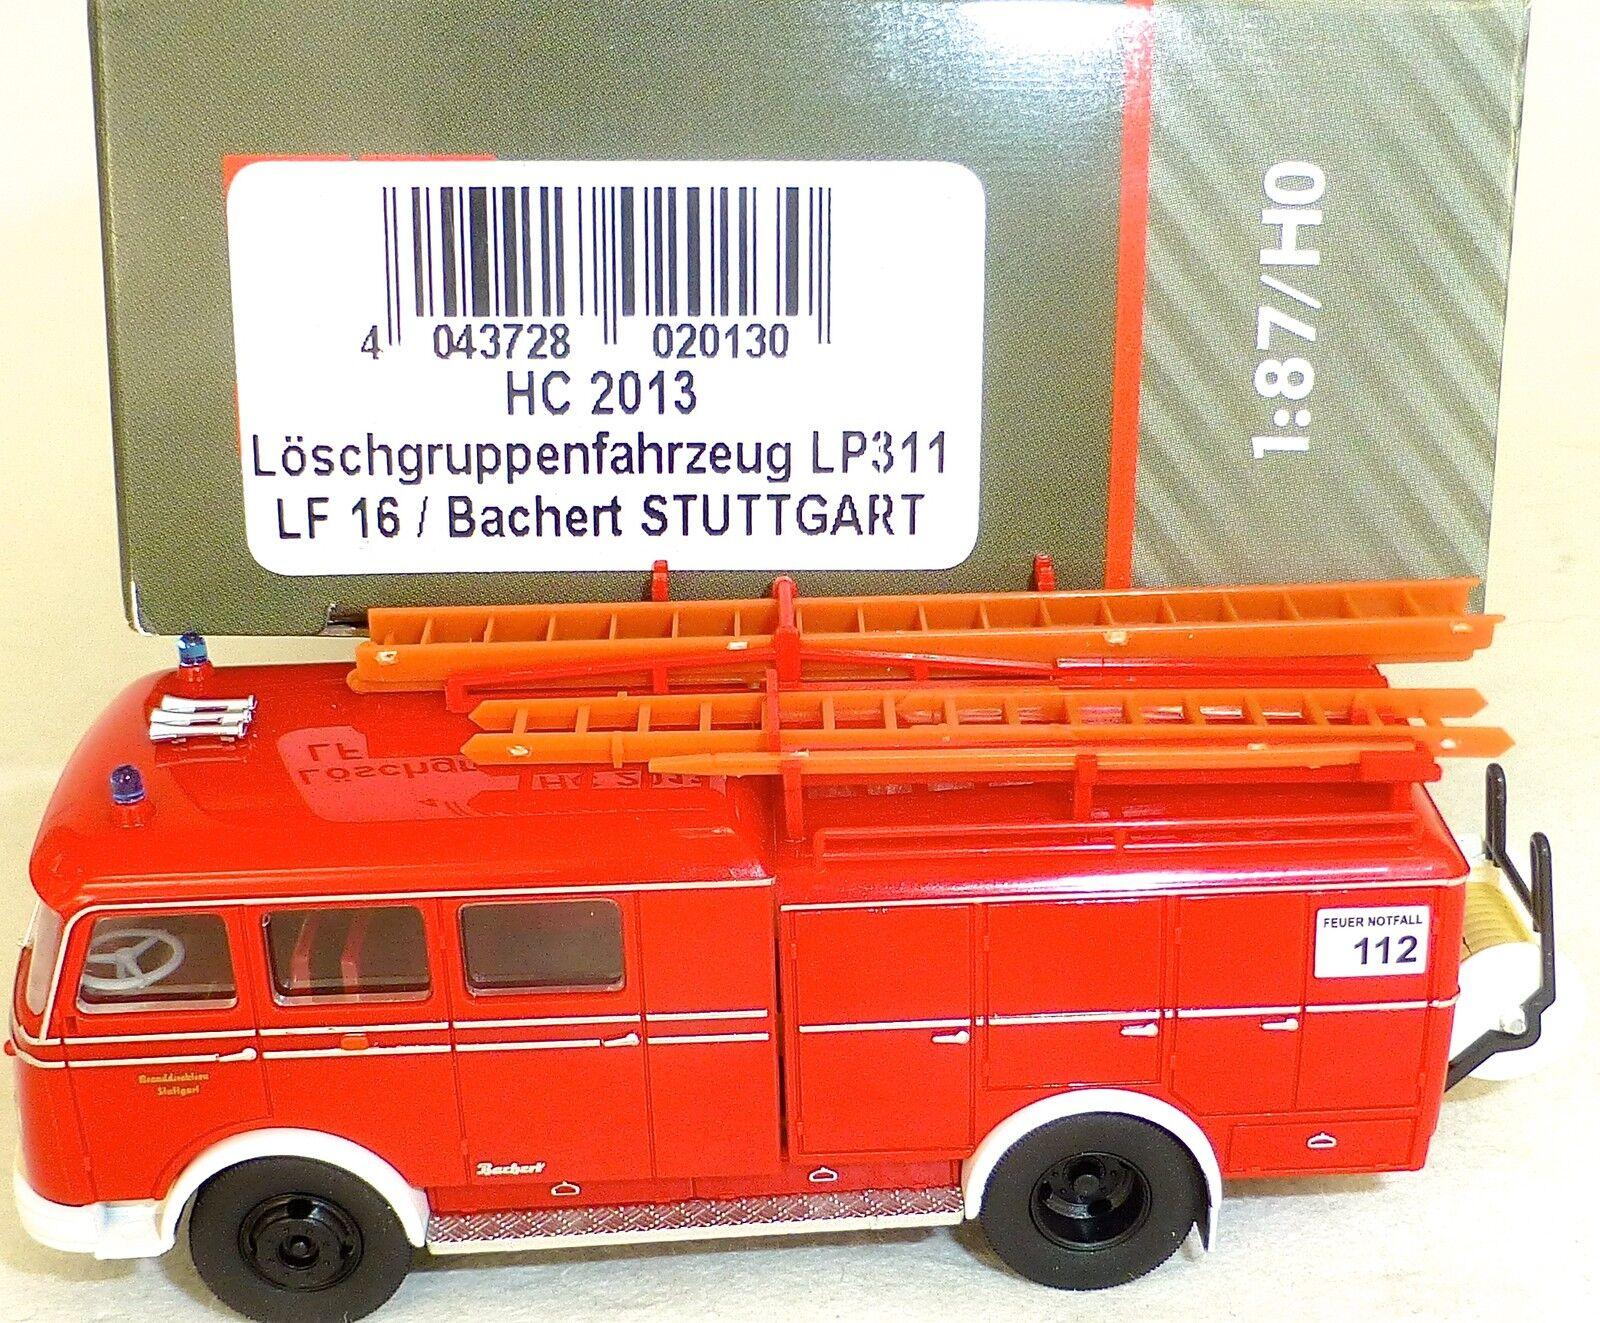 nueva gama alta exclusiva Vehículo de Lucha Lucha Lucha contra el Fuego Lp311 Lf16 Bachert Stuttgart Heico Hc2013  A la venta con descuento del 70%.